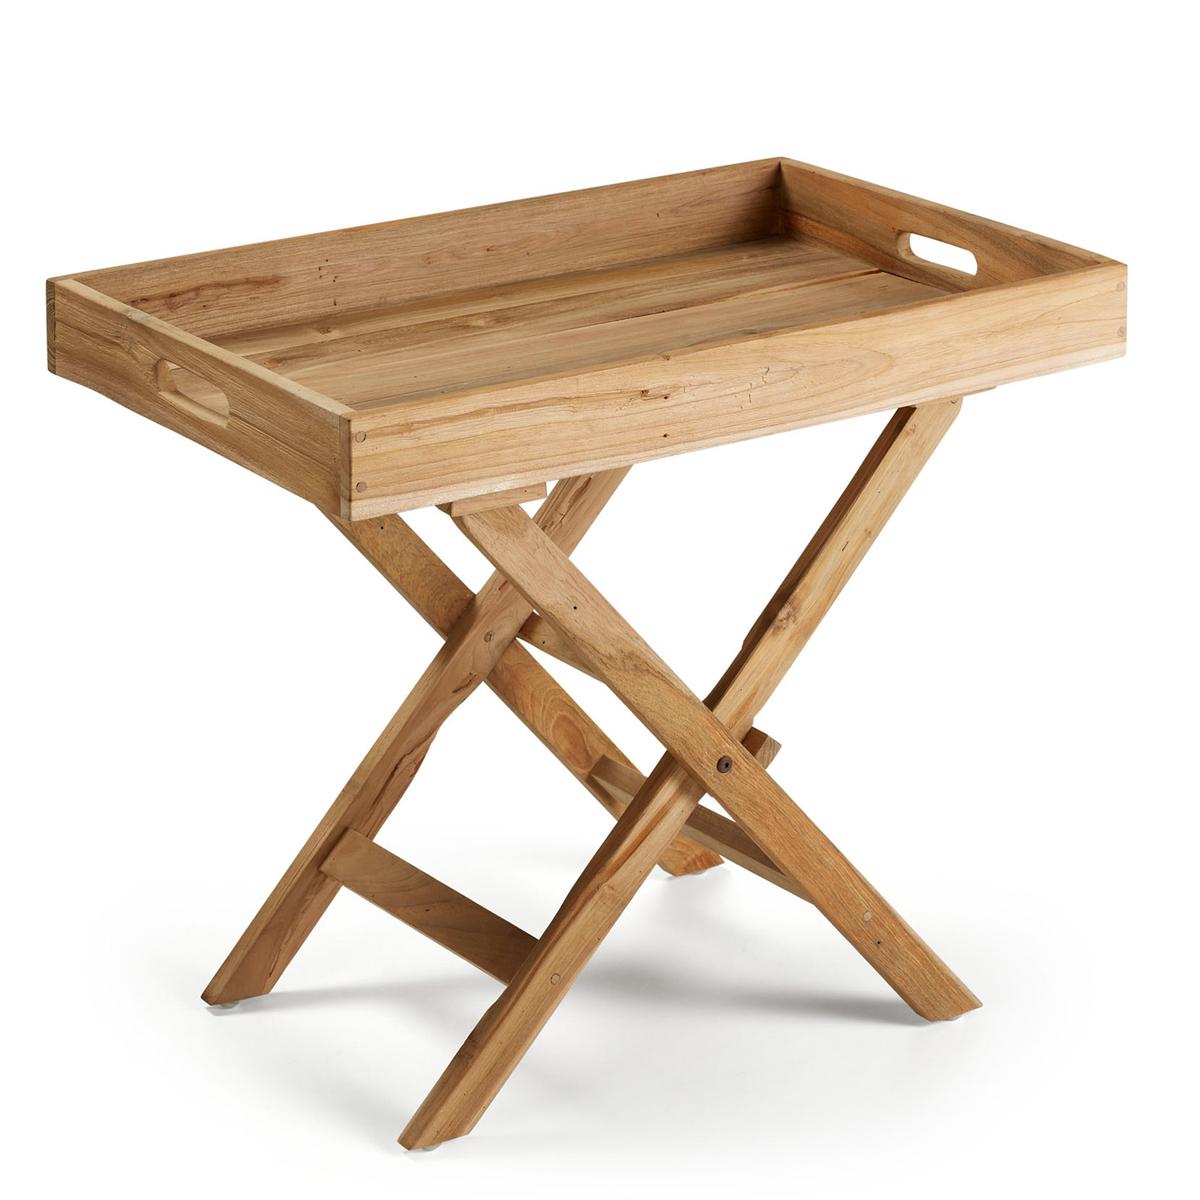 Table d'appoint pliante en teck - TECK - H 60 x 70 cm